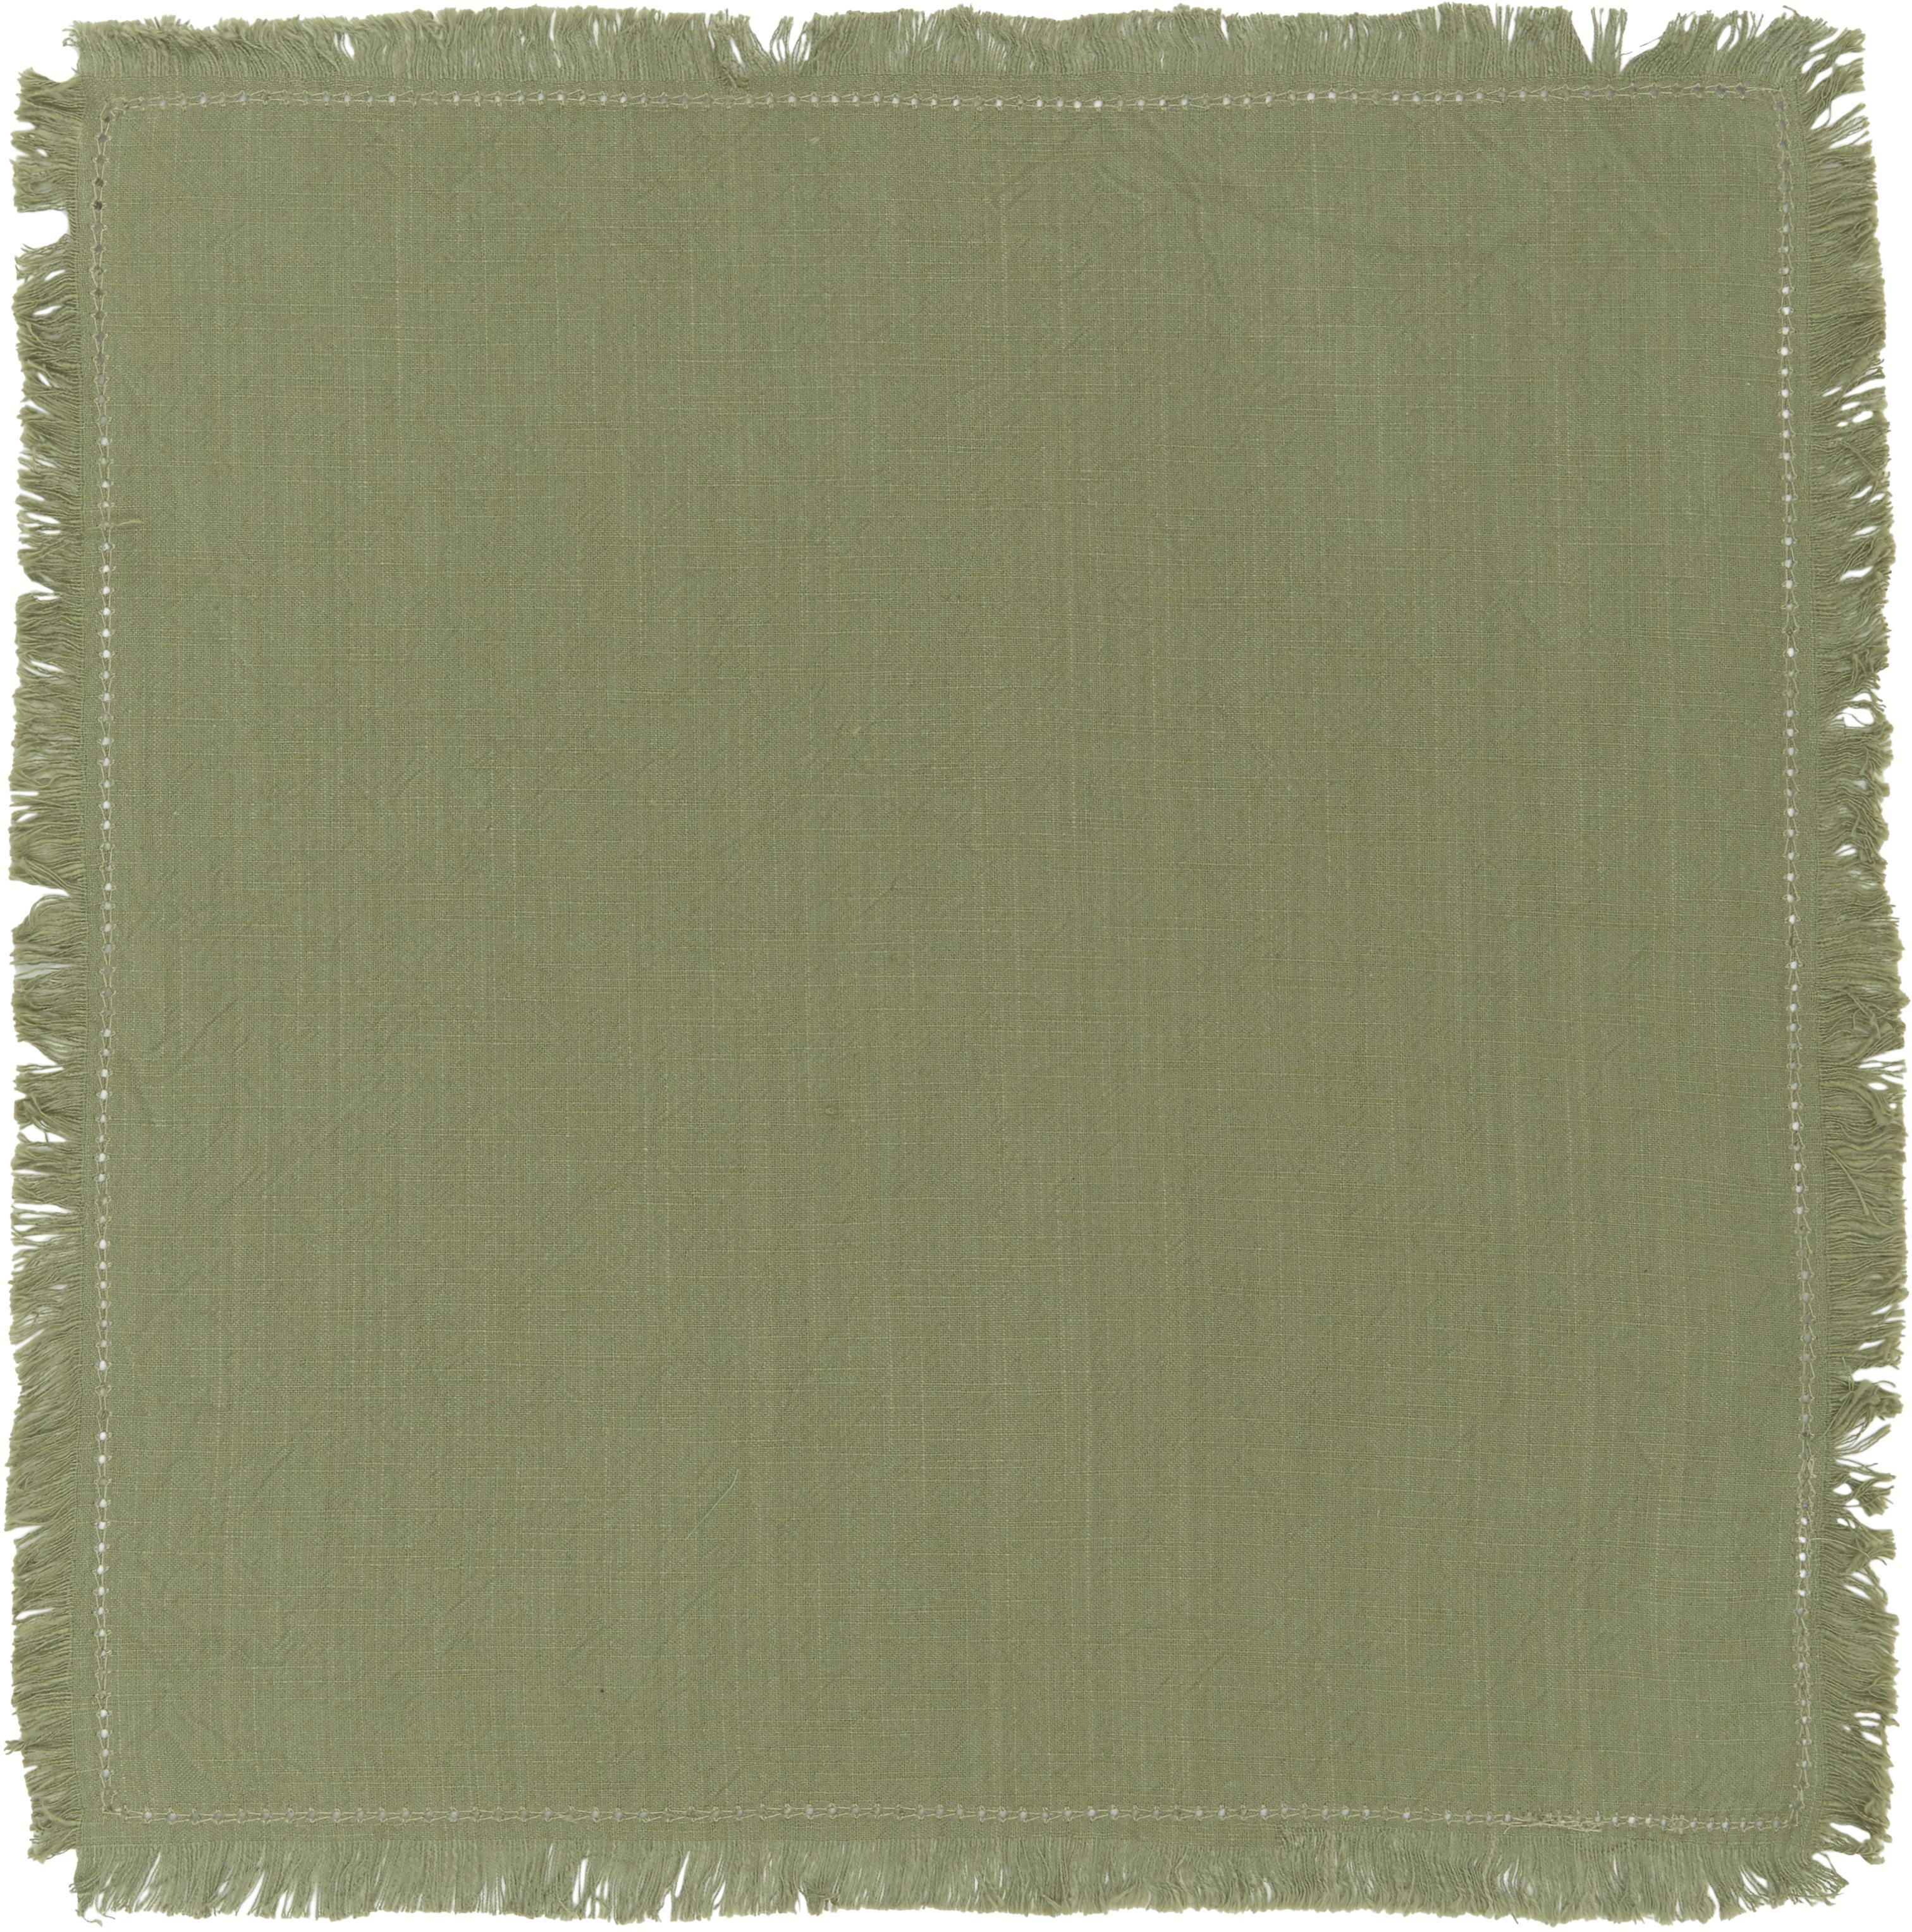 Baumwoll-Servietten Hilma mit Fransen, 2 Stück, Baumwolle, Olivgrün, 45 x 45 cm